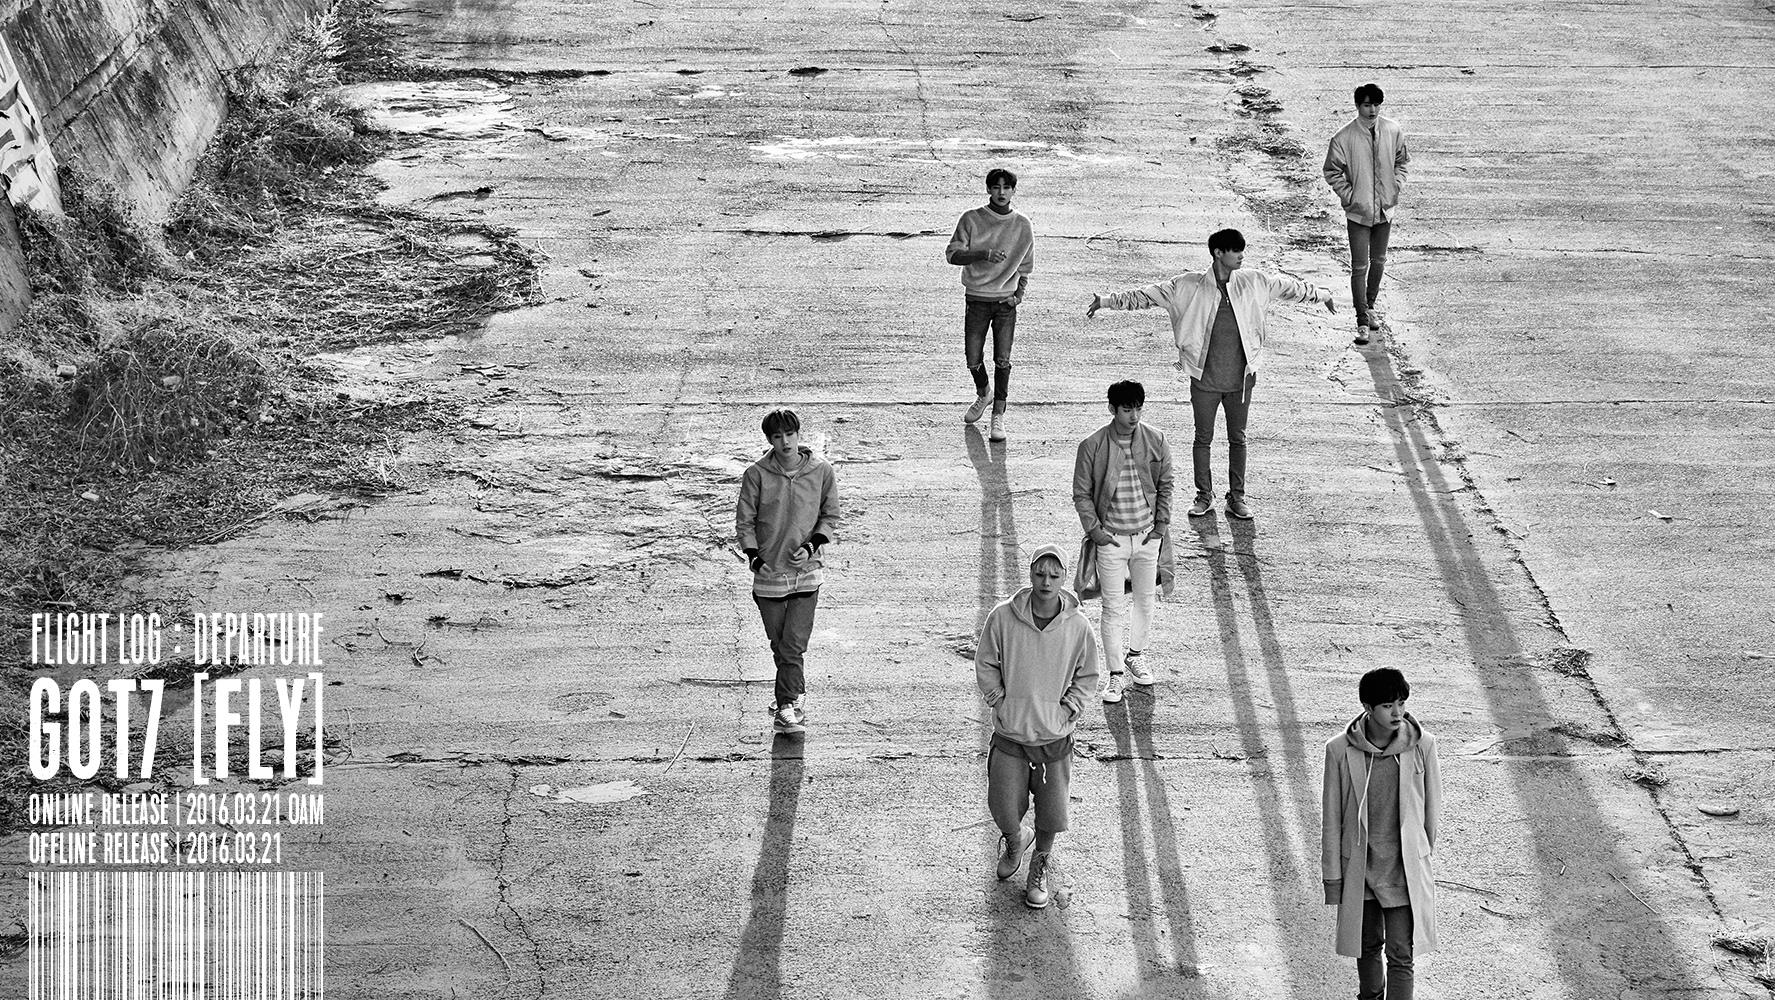 光預告照就讓韓網民預測「將會佔領音源榜一位」的偶像團體…?